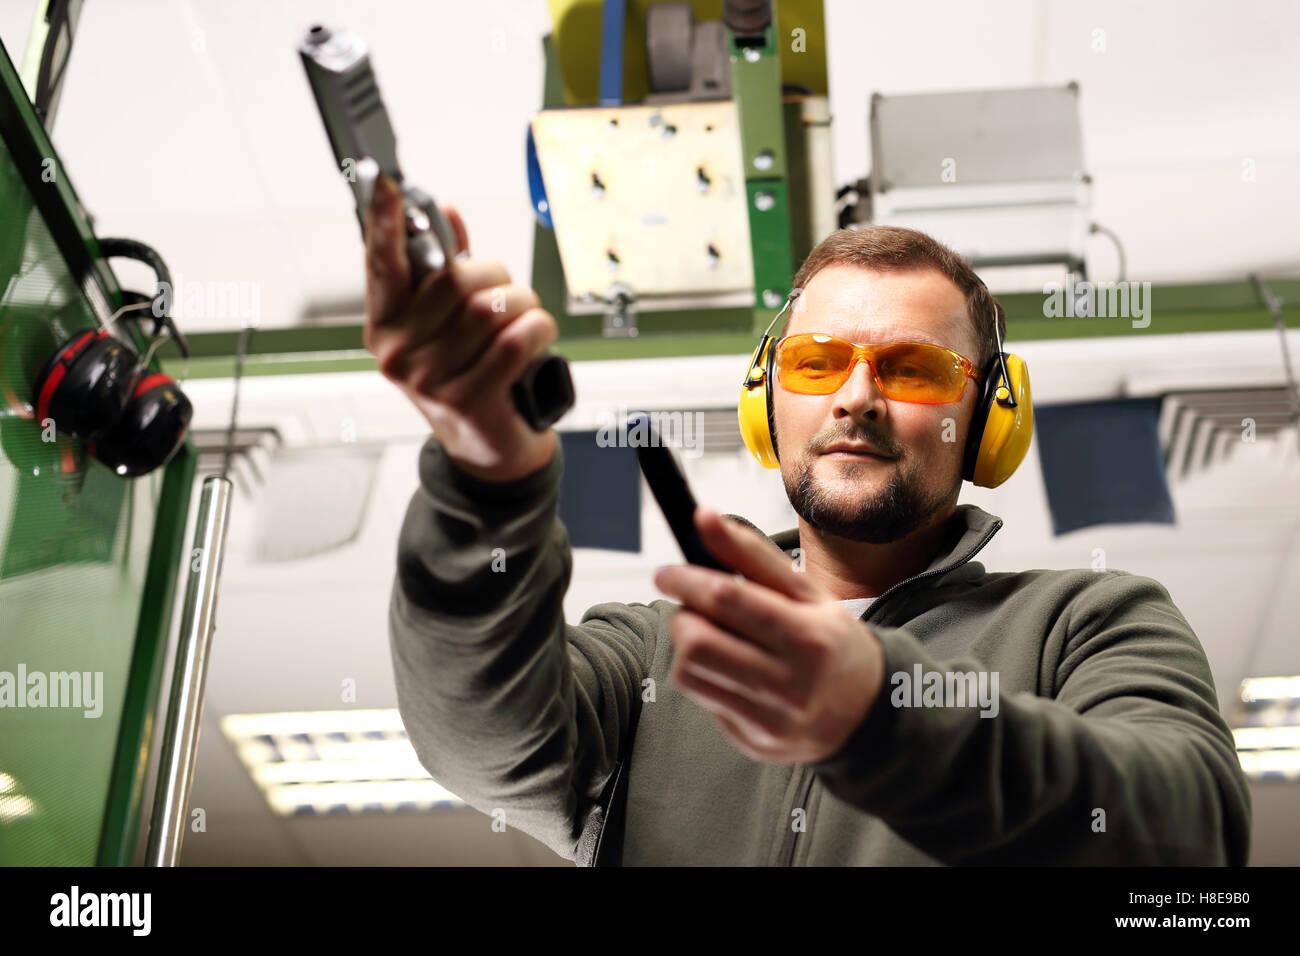 Der Mann an den Dreharbeiten lädt Pistole Stockbild